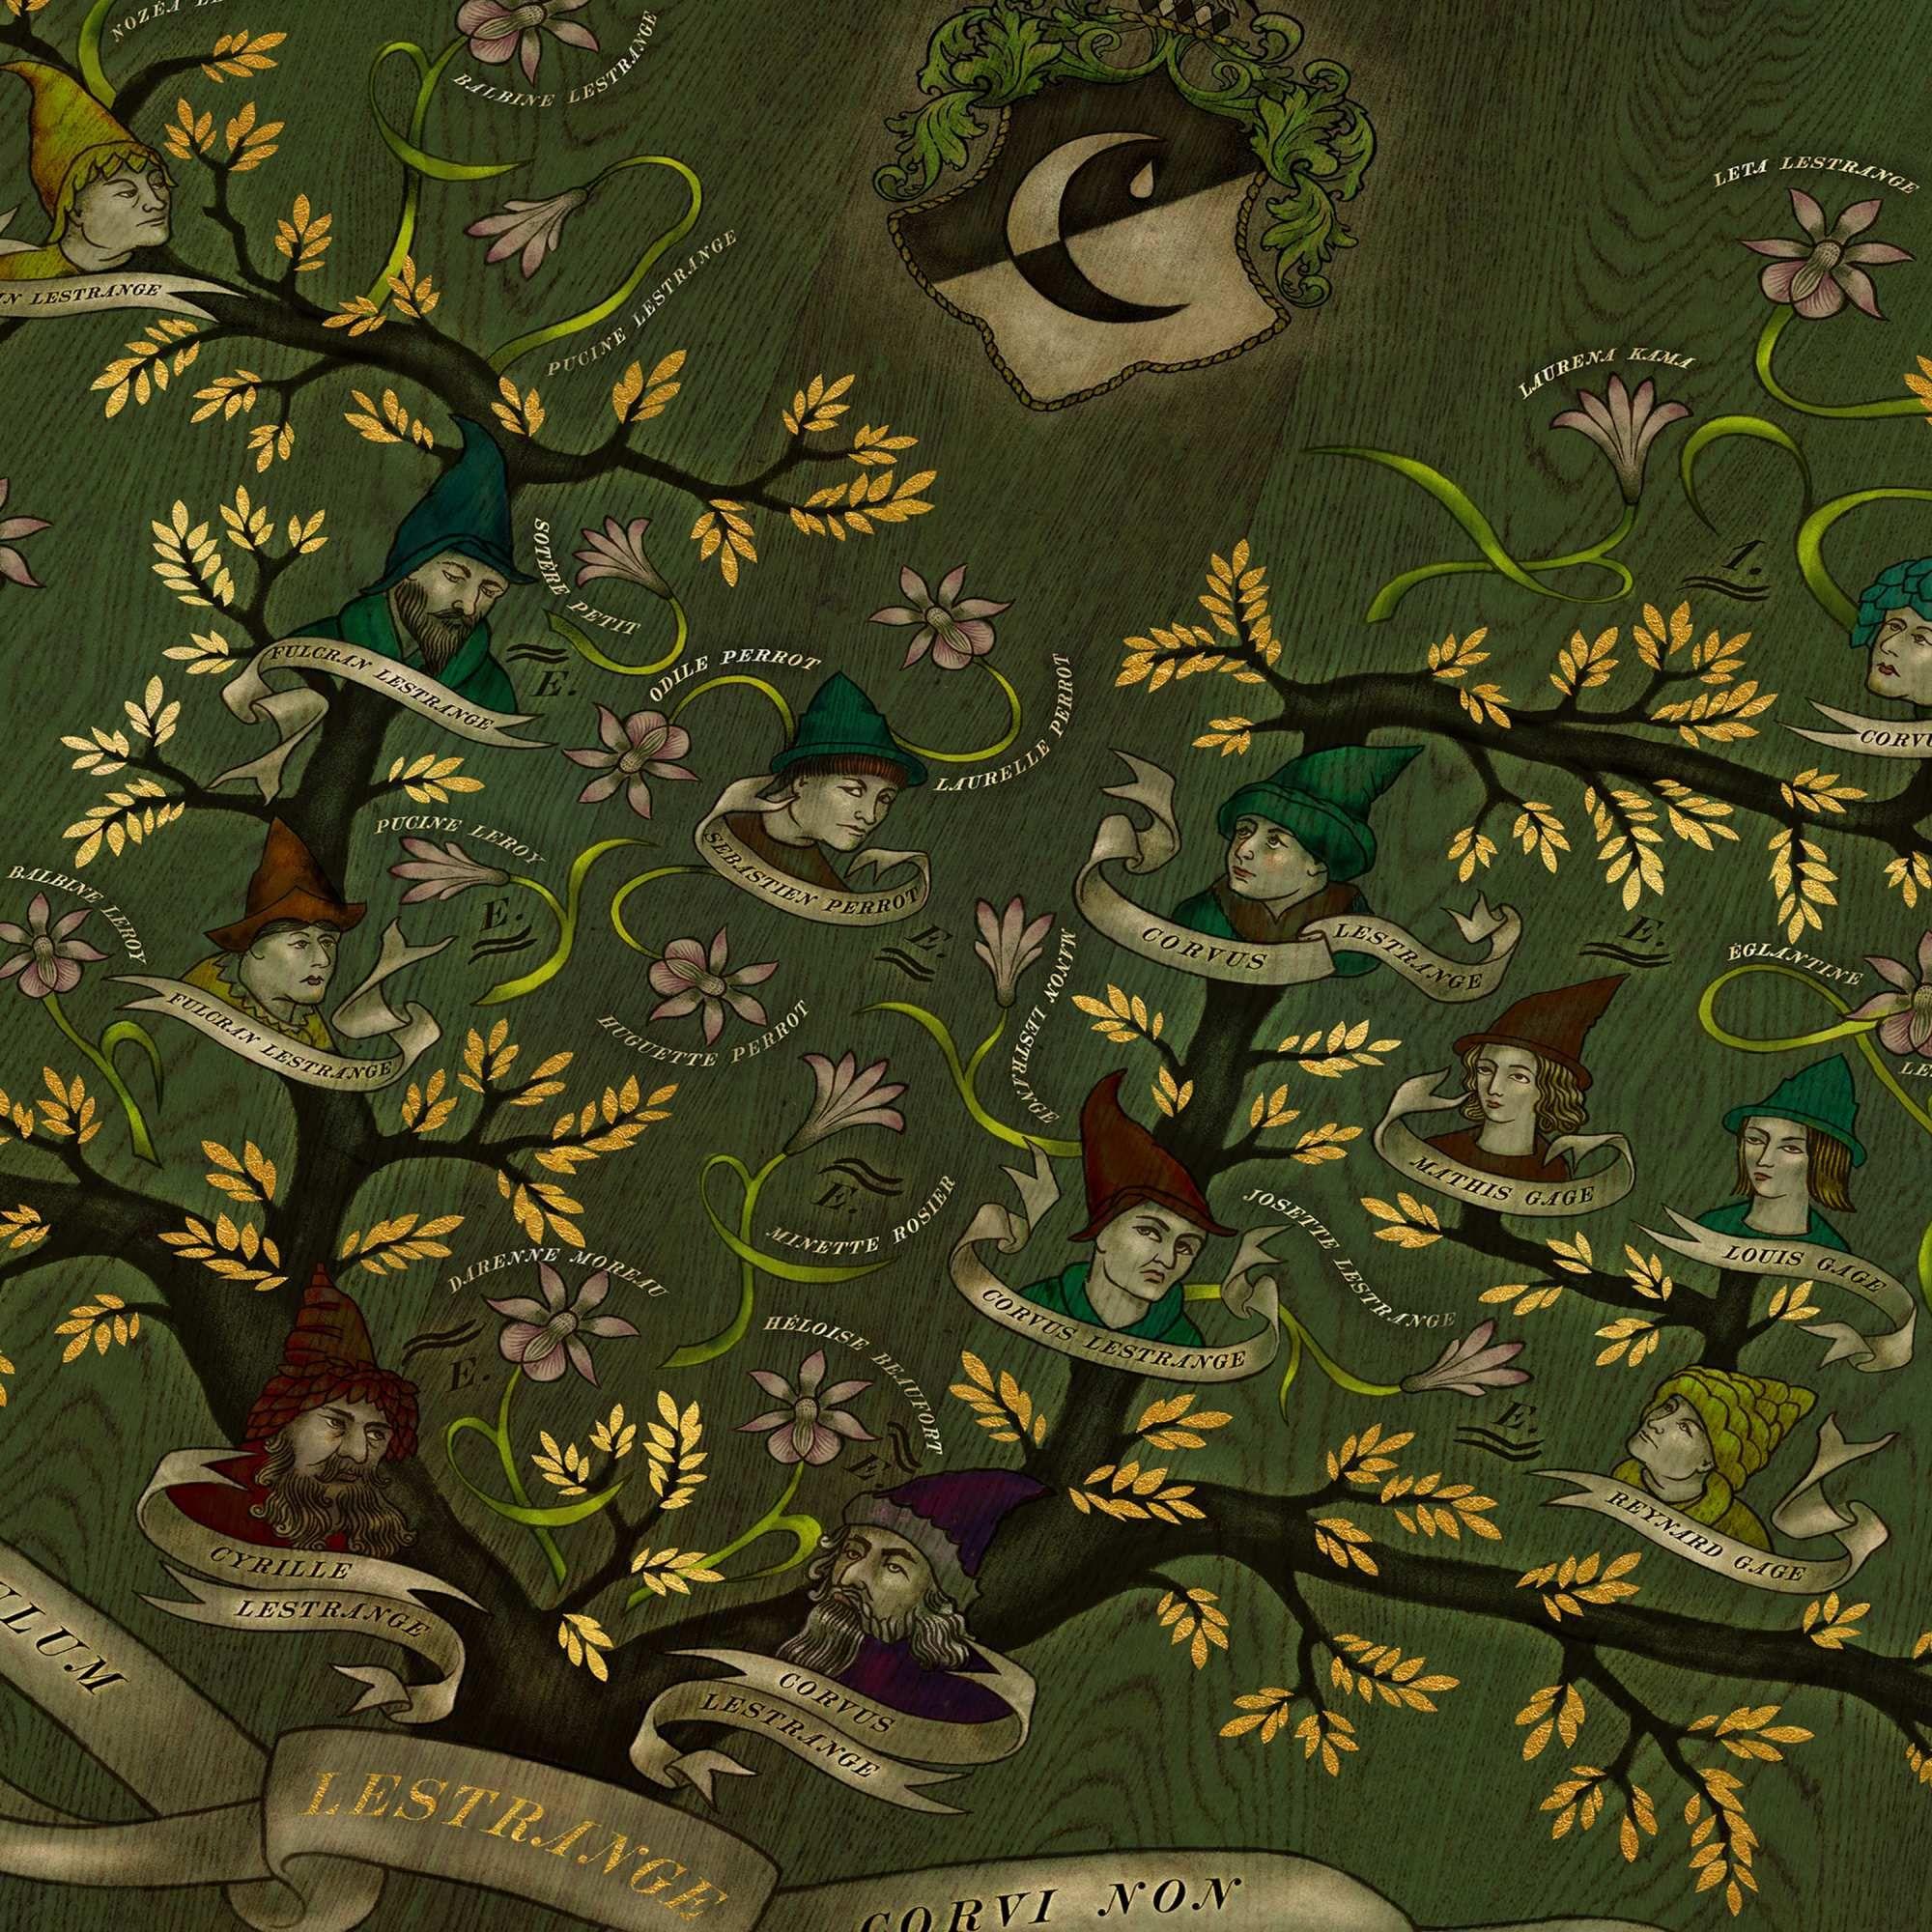 Lestrange Family Tree - MinaLima